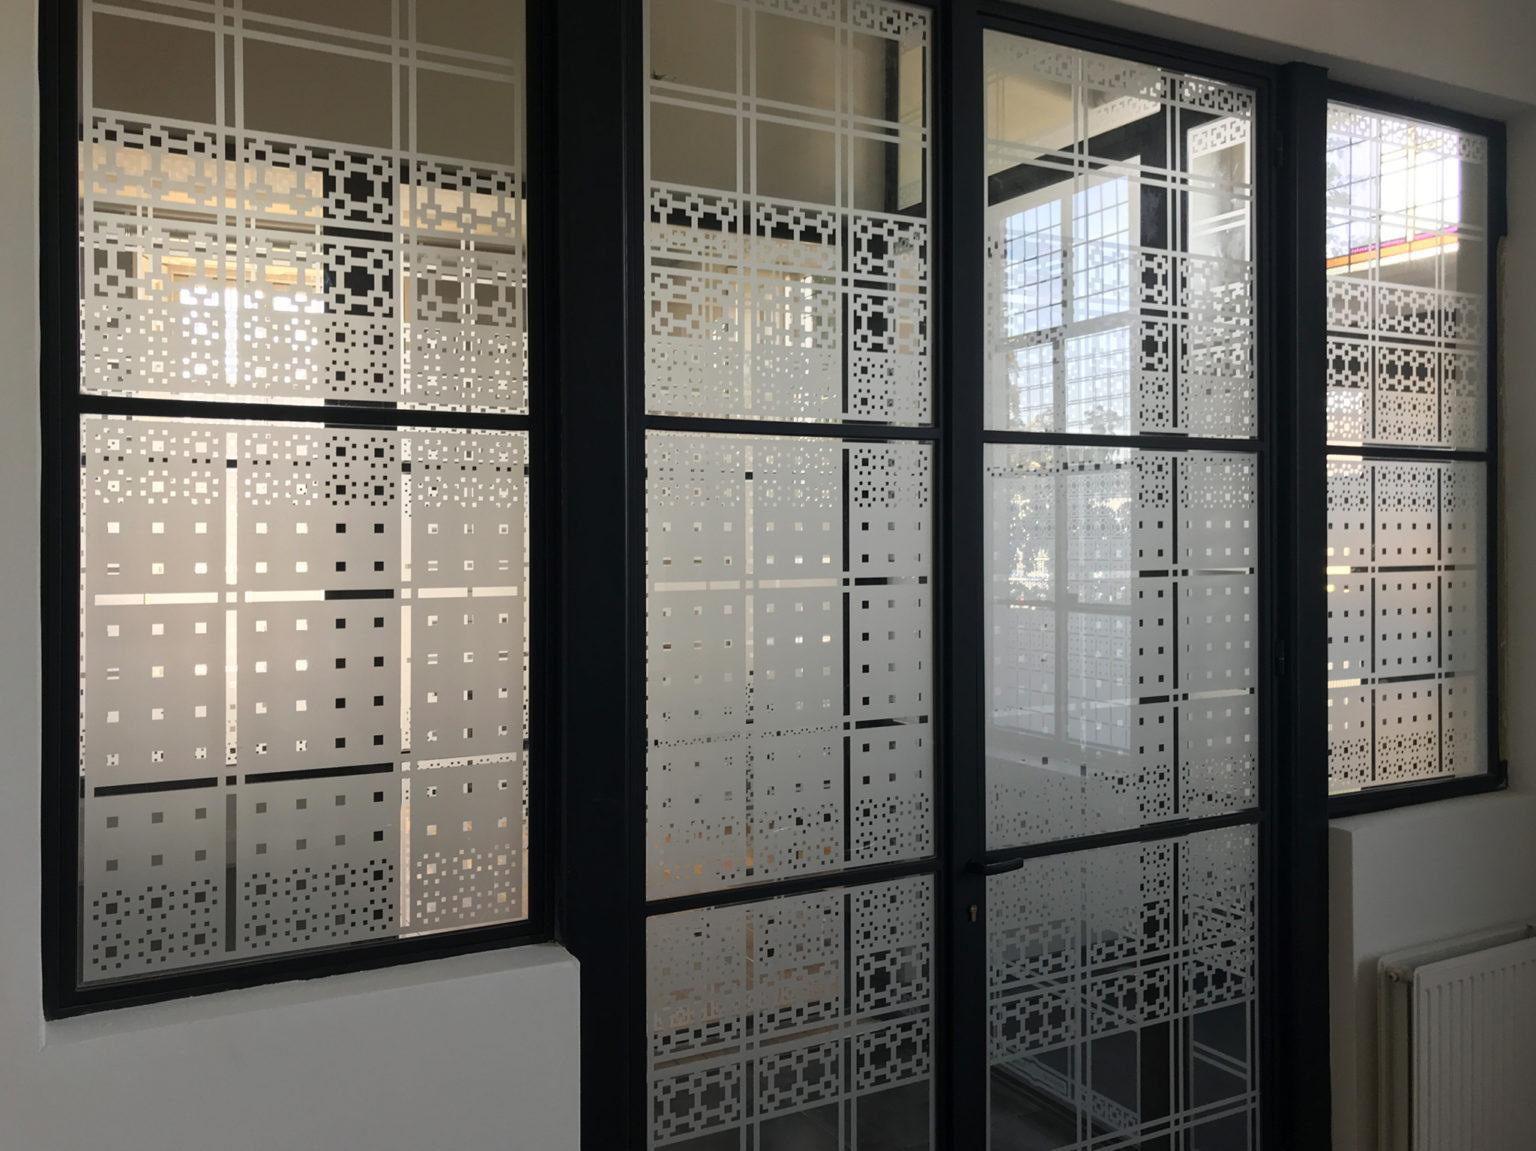 Zicht vanuit kantoor op entree kantoorvilla met raamfolie patroon